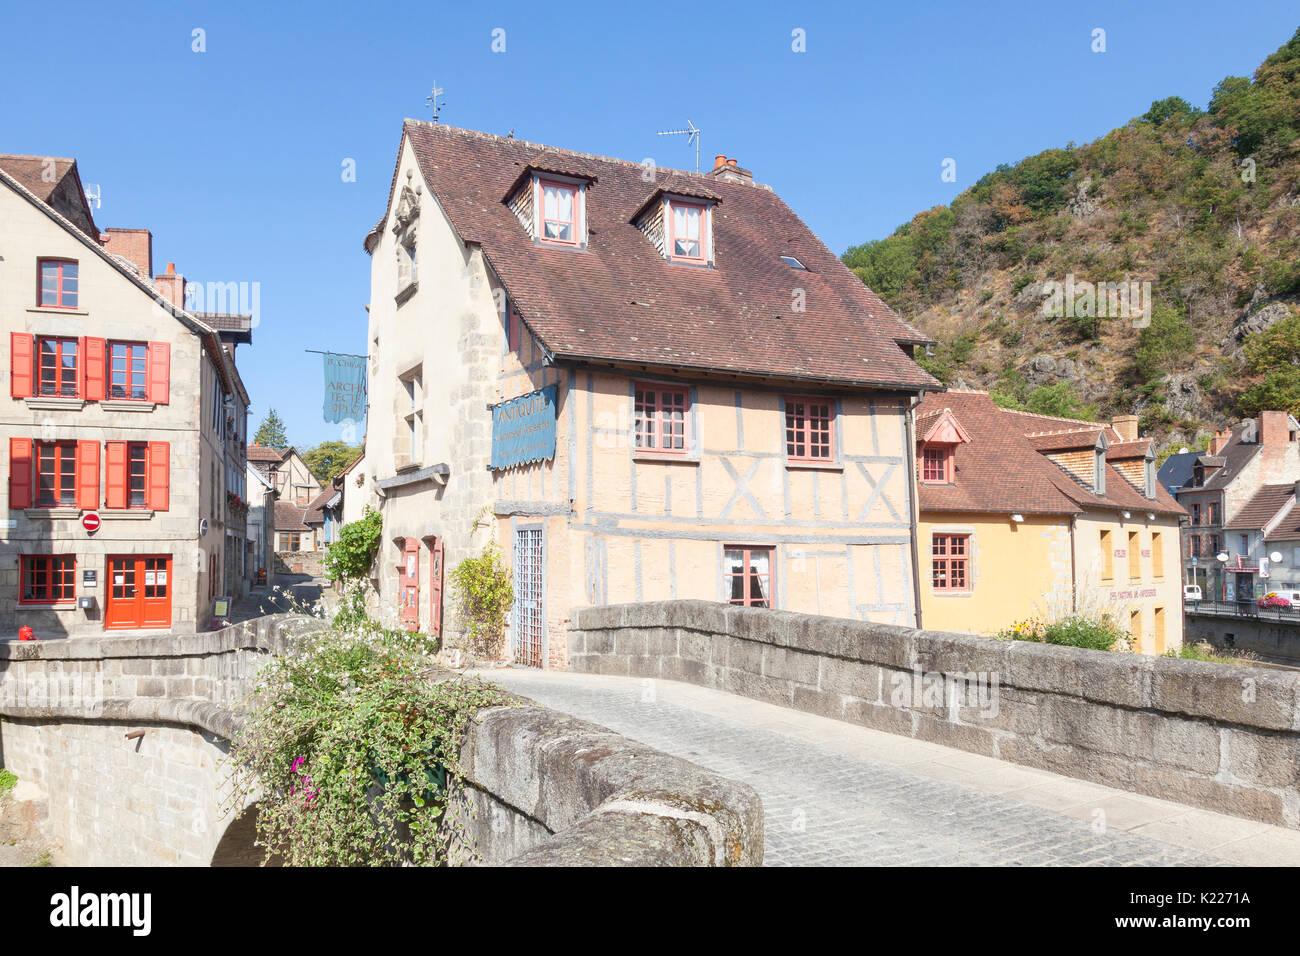 Aubusson, Creuse, Nouvelle Aquitaine, Frankreich die mittelalterliche Pont de la Terrade über den Fluss Creuse, die zu den alten Vierteln, die Weber. Stockbild